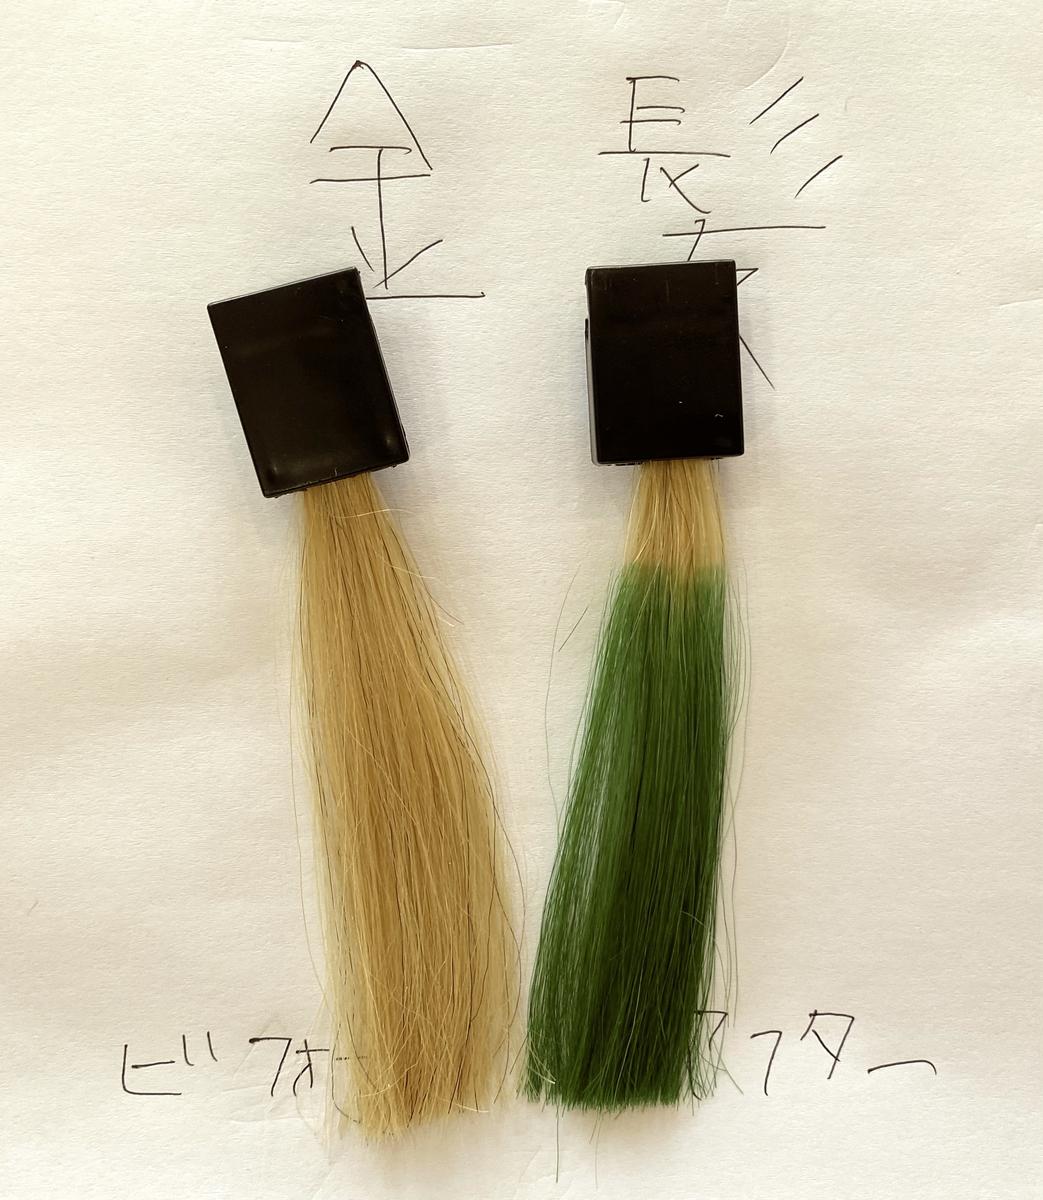 画面左が金髪で画面右が金髪にヘンプグリーンで染めた毛束